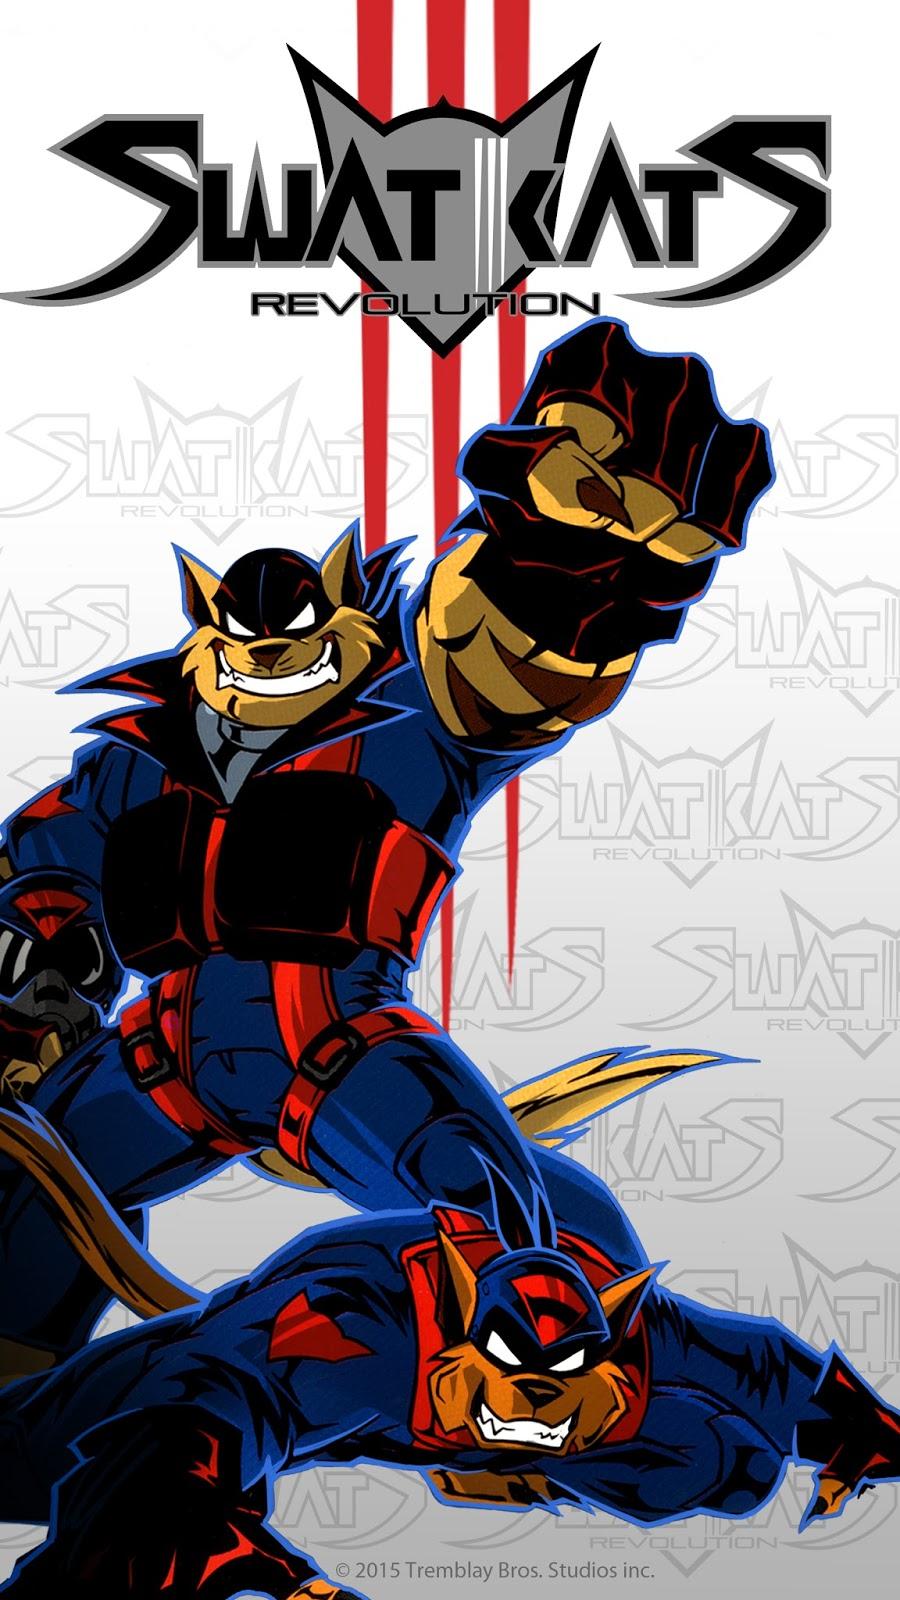 Best Wallpaper Mobile Superhero - Swat%2BKats%2BRevolution%2BWhite%2B%2526%2BSlashes%2B%252B%2BRazor%2B%2526%2BT-Bone  Trends_924983.jpg